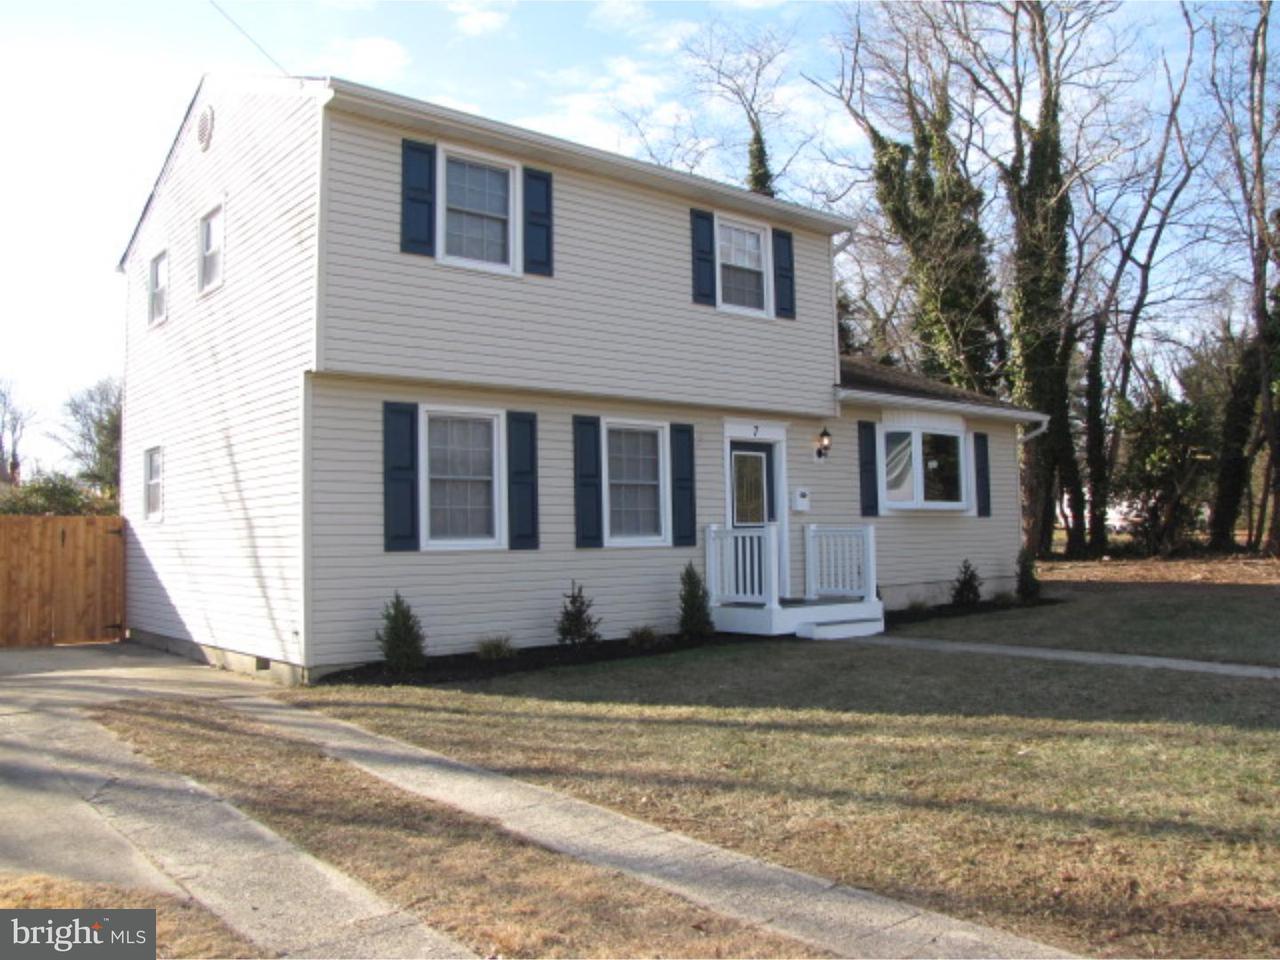 独户住宅 为 销售 在 7 WRIGHT LOOP Williamstown, 新泽西州 08094 美国在/周边: Monroe Township